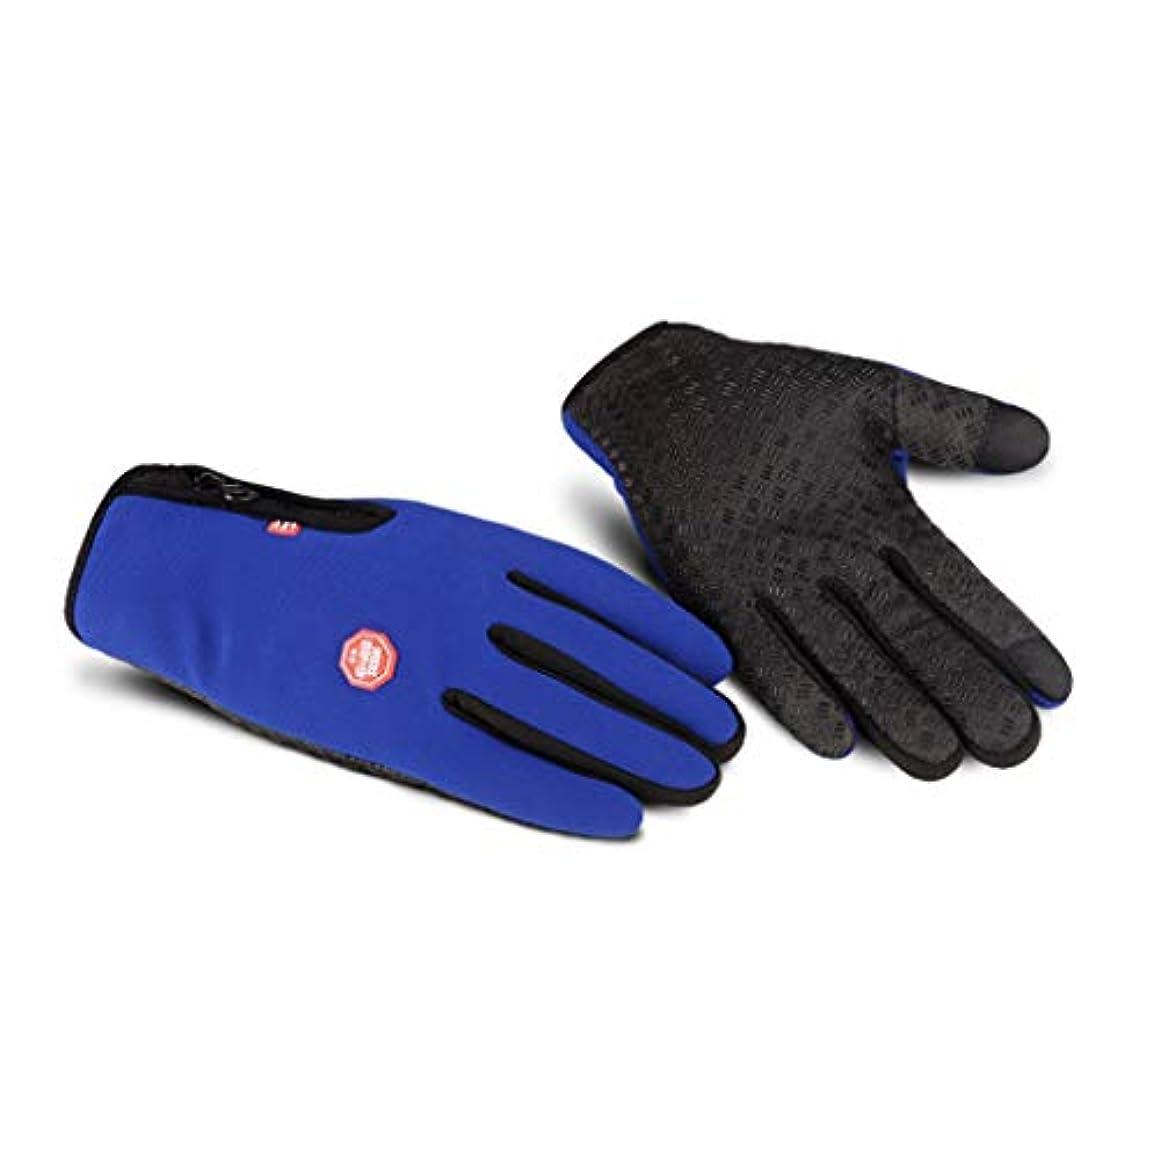 稚魚助けになる下位手袋の男性の秋と冬の自転車電動バイクの女性のタッチスクリーンはすべて防風ノンスリップ暖かい冬のコールドプラスベルベット弾性手袋を意味する (色 : 青)